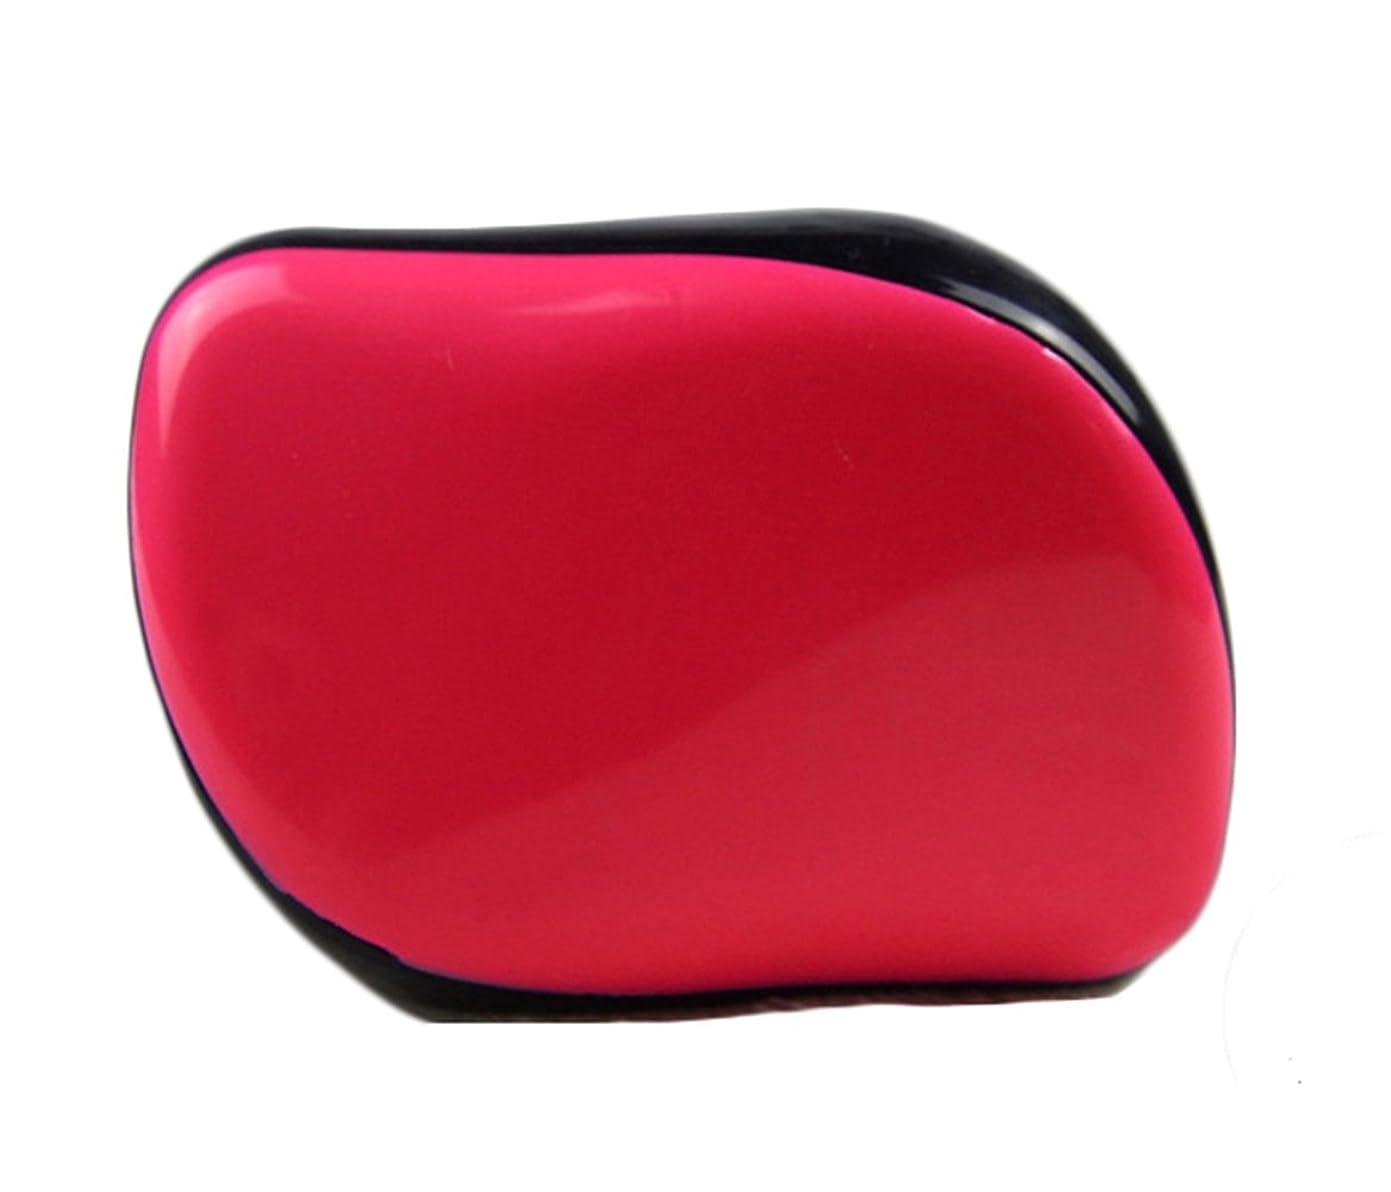 減る着陸極貧Maltose 絡まないヘアブラシ くし 絡まない頭皮ケア ブラシ ヘアブラシ からまない 旅行用 静電気防止 4色 (赤)